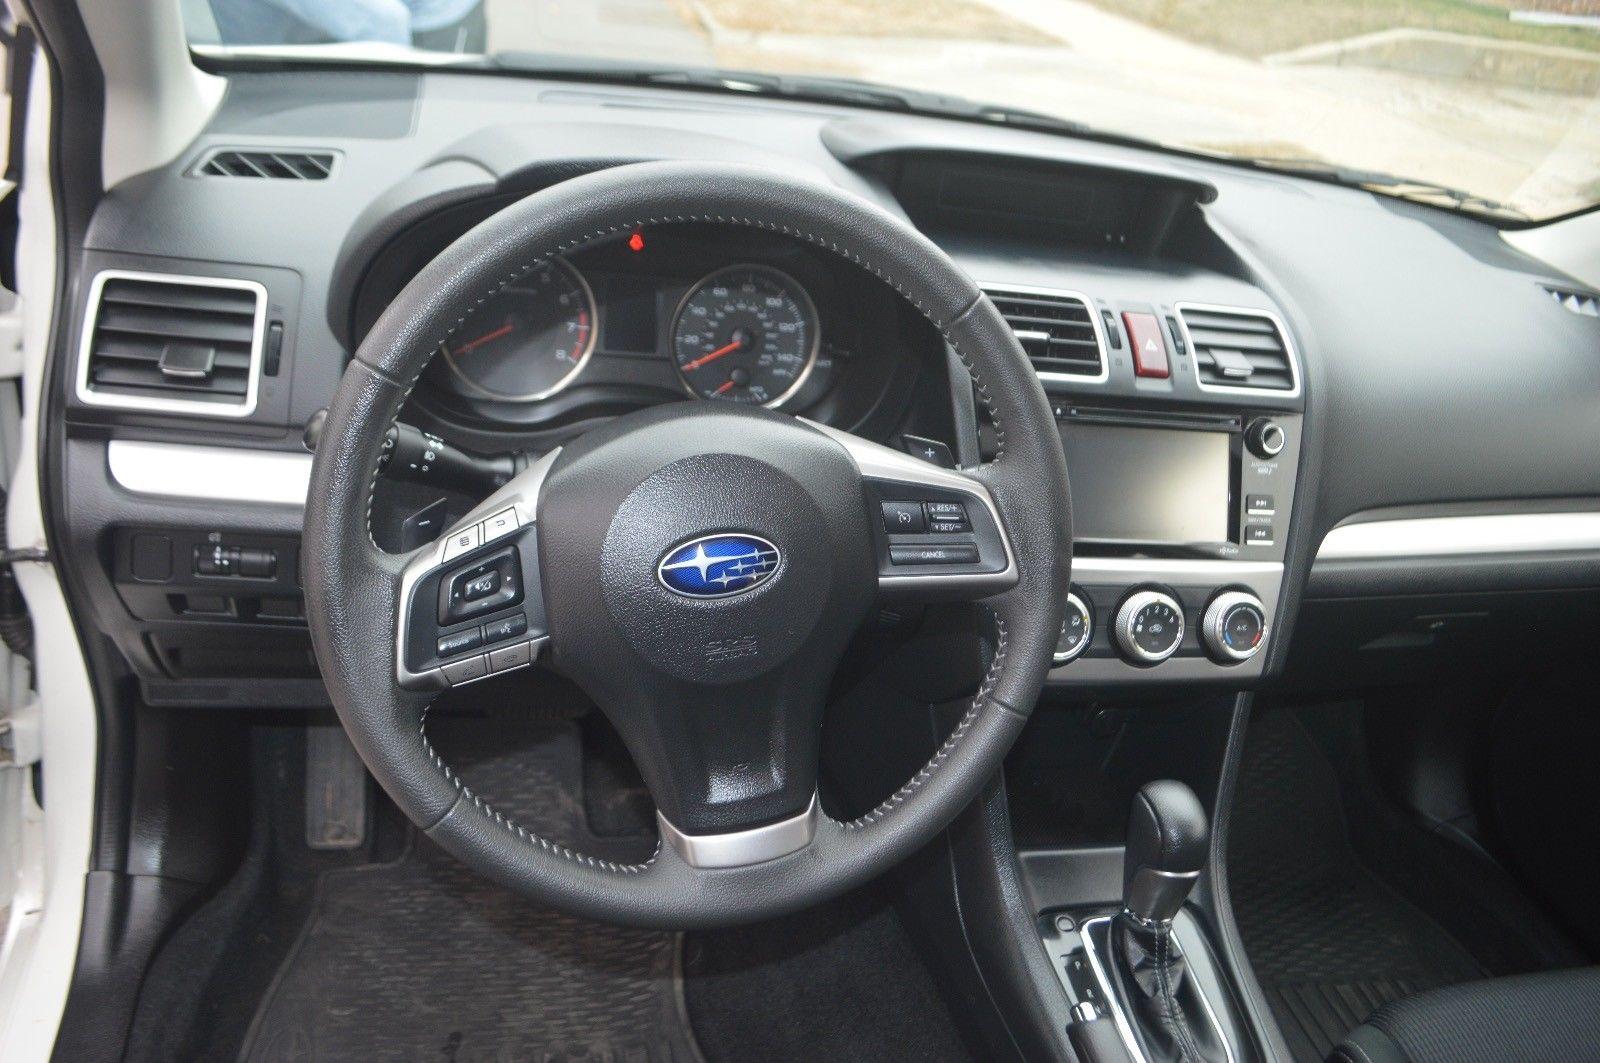 Subaru Warranty 2017 >> Awesome 2015 Subaru Impreza 2.0i Sport Premium 2015 Subaru Impreza SPORT PREMIUM 2017 2018 ...